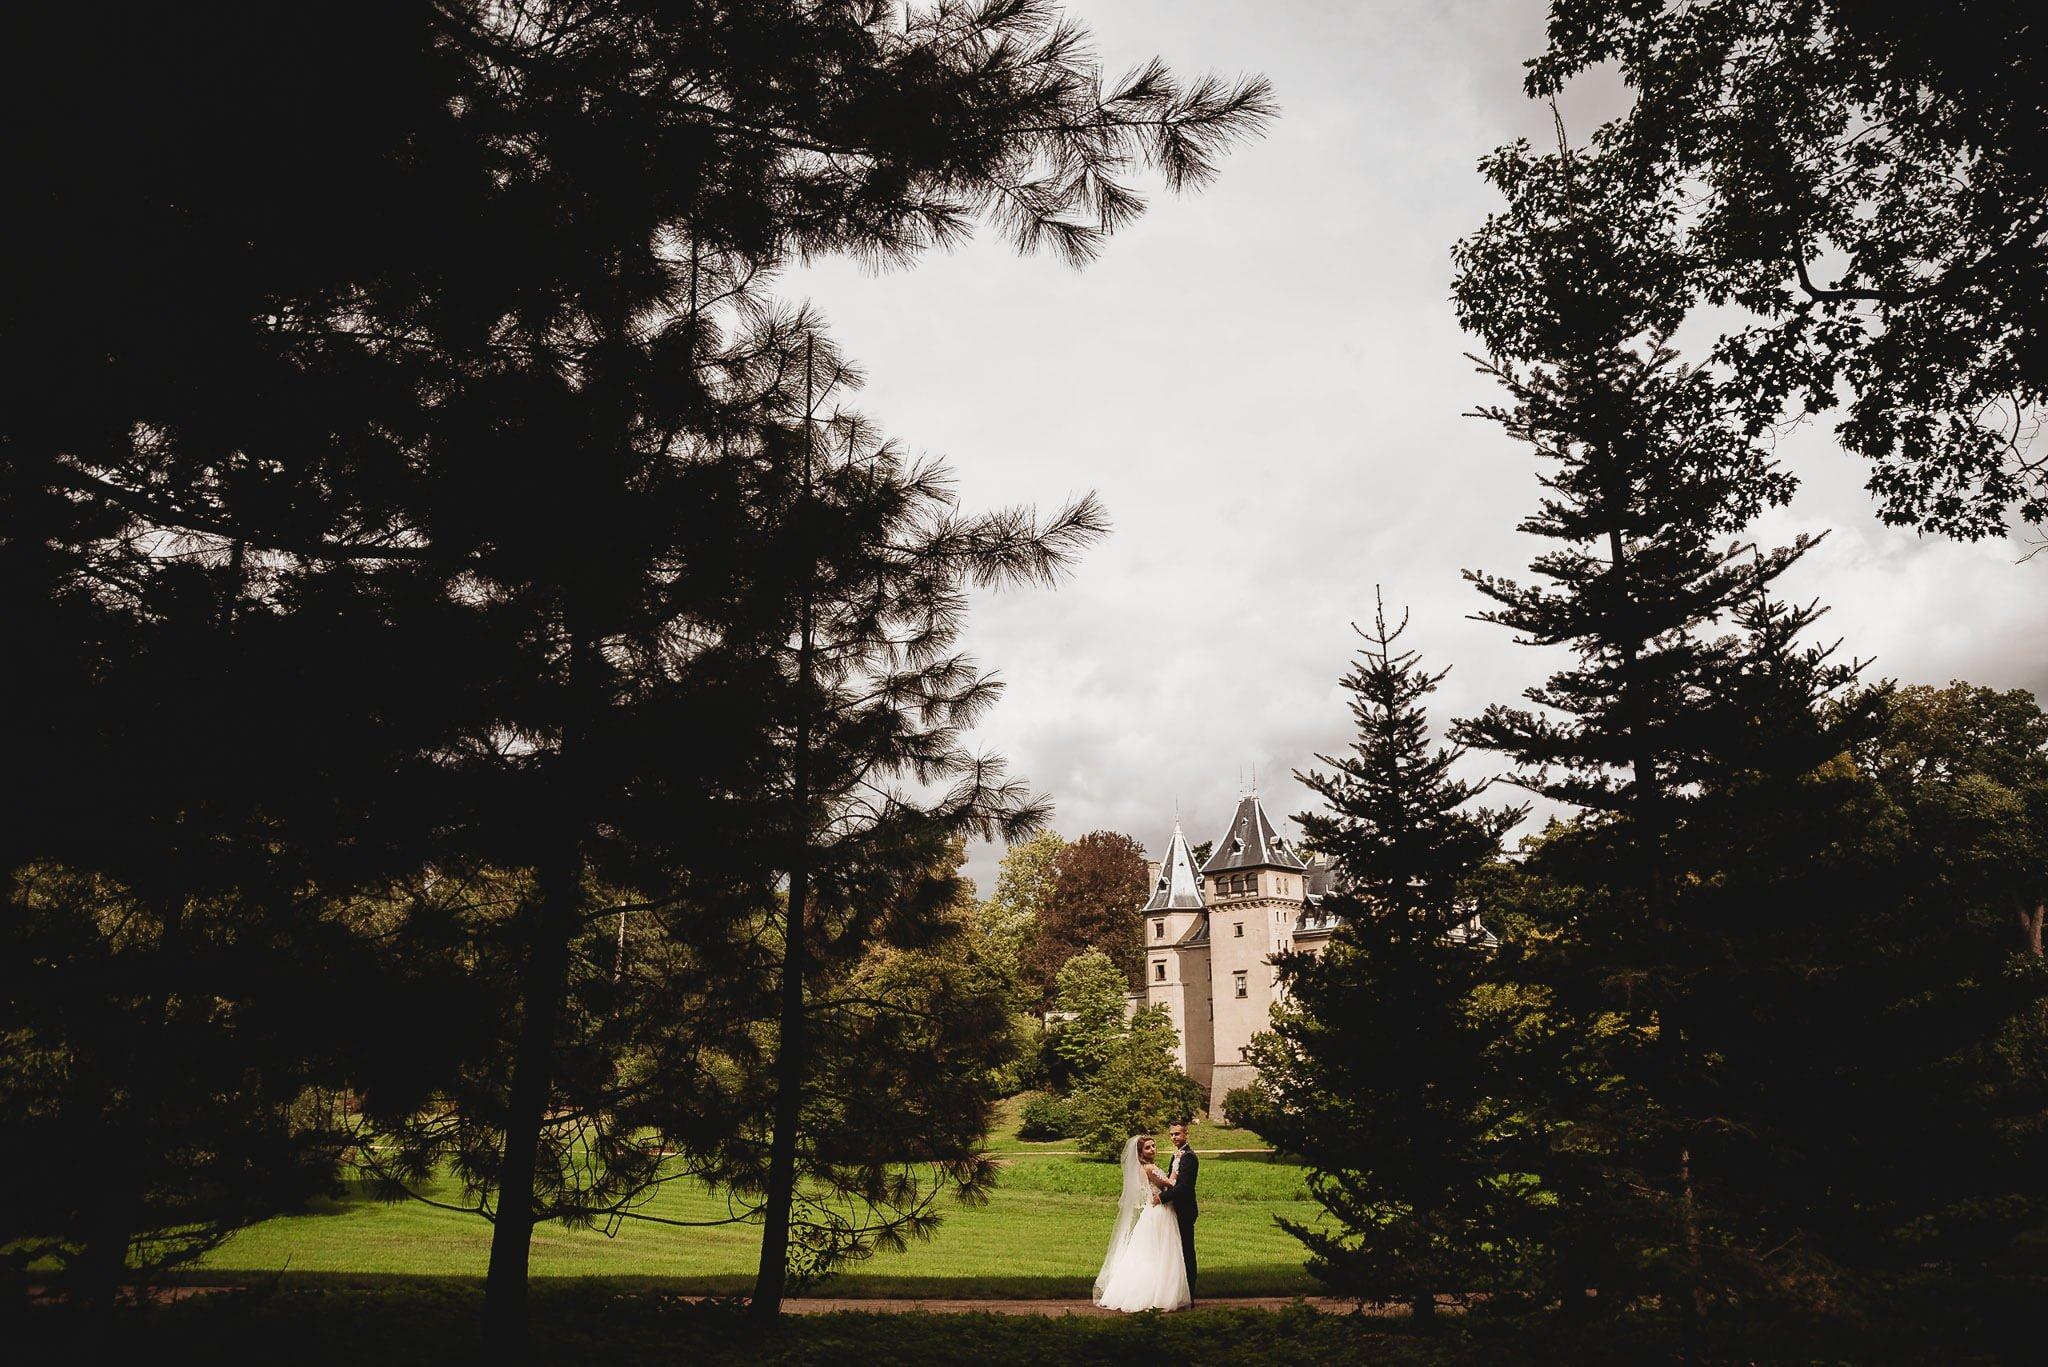 Angelika i Michał, piękne zdjęcia ślubne i sesja plenerowa w Gołuchowie 259